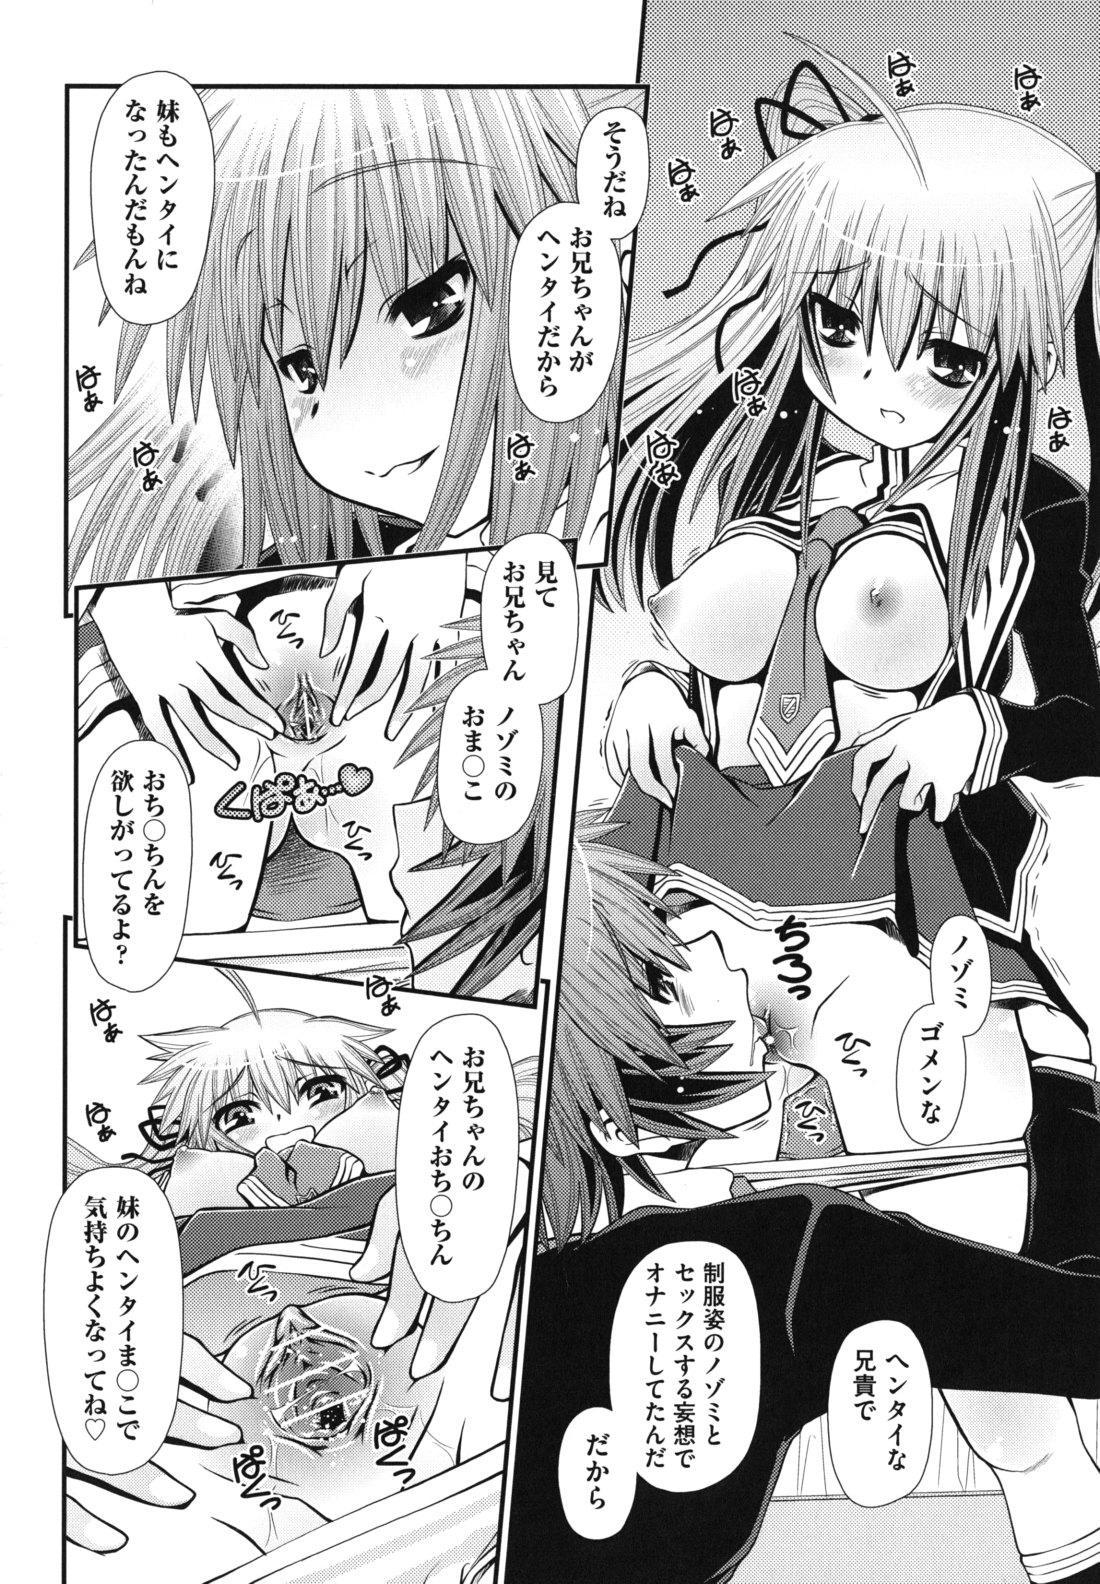 Twintail de Kneesocks no Onnanoko tachi ga Kyakkya de Ufufu♥ 46